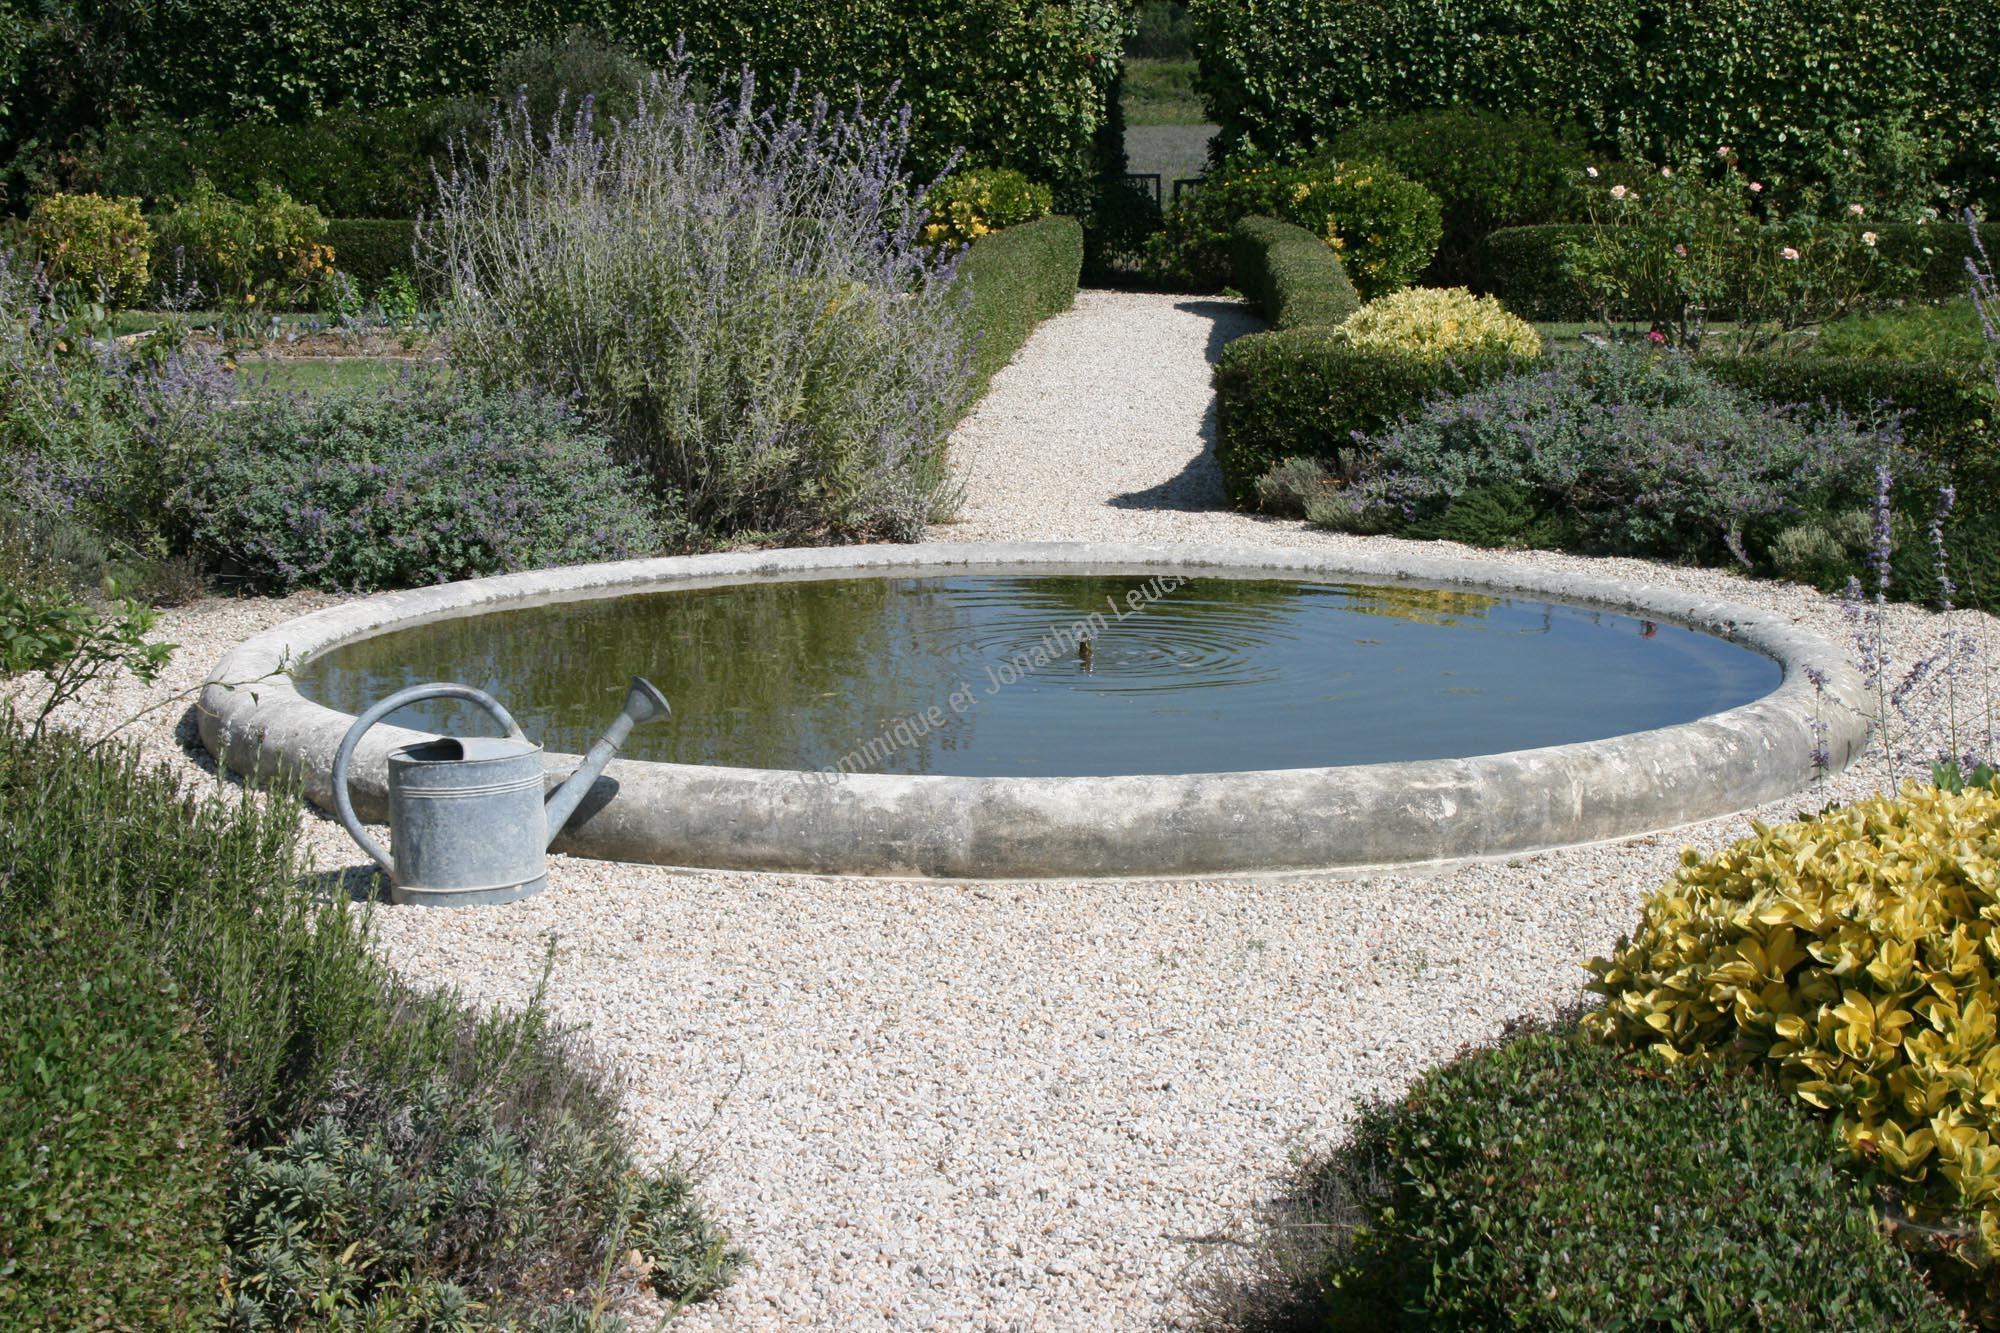 Bassin Fontaine Circulaire En Pierre - Cheminée En Pierre À ... tout Bassin De Jardin En Pierre